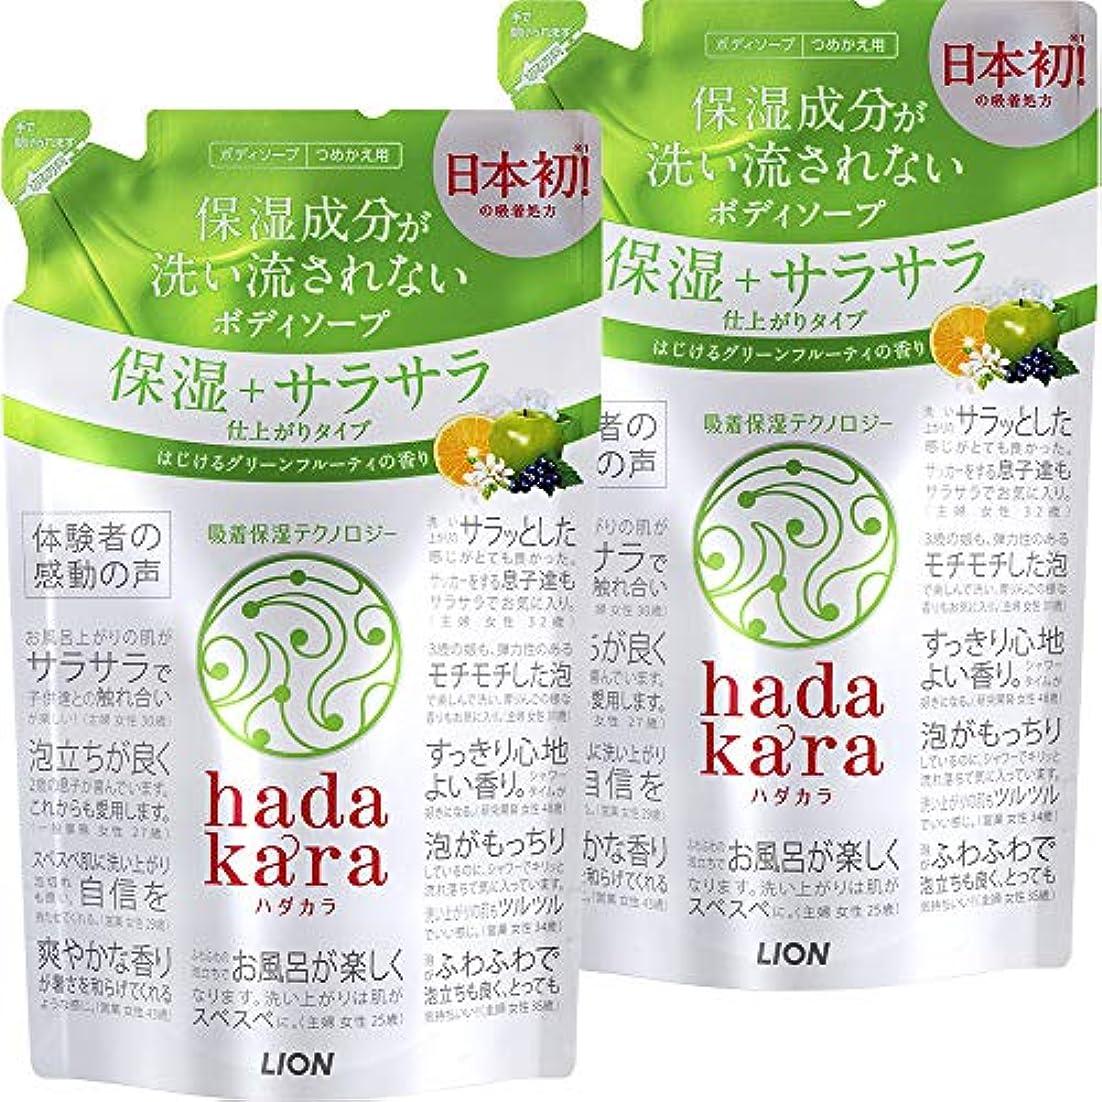 自慢パキスタンライター【まとめ買い】hadakara(ハダカラ) ボディソープ 保湿+サラサラ仕上がりタイプ グリーンフルーティの香り 詰め替え 340ml×2個パック